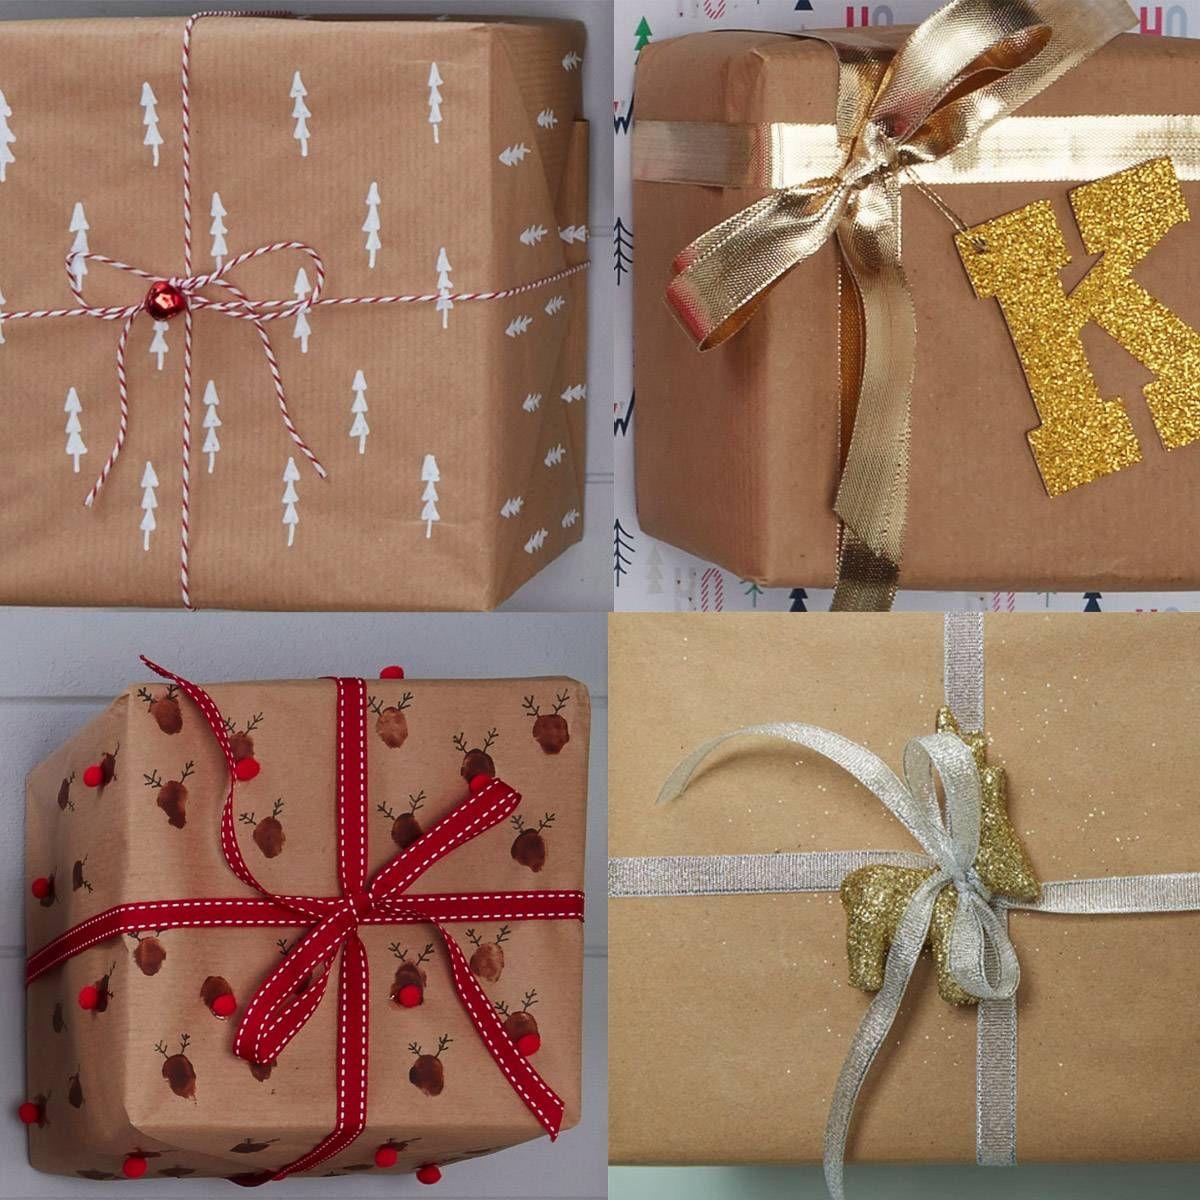 Kraft Brown Wrapping Paper 3X 8M Rolls Bundle | Hobbycraft ...